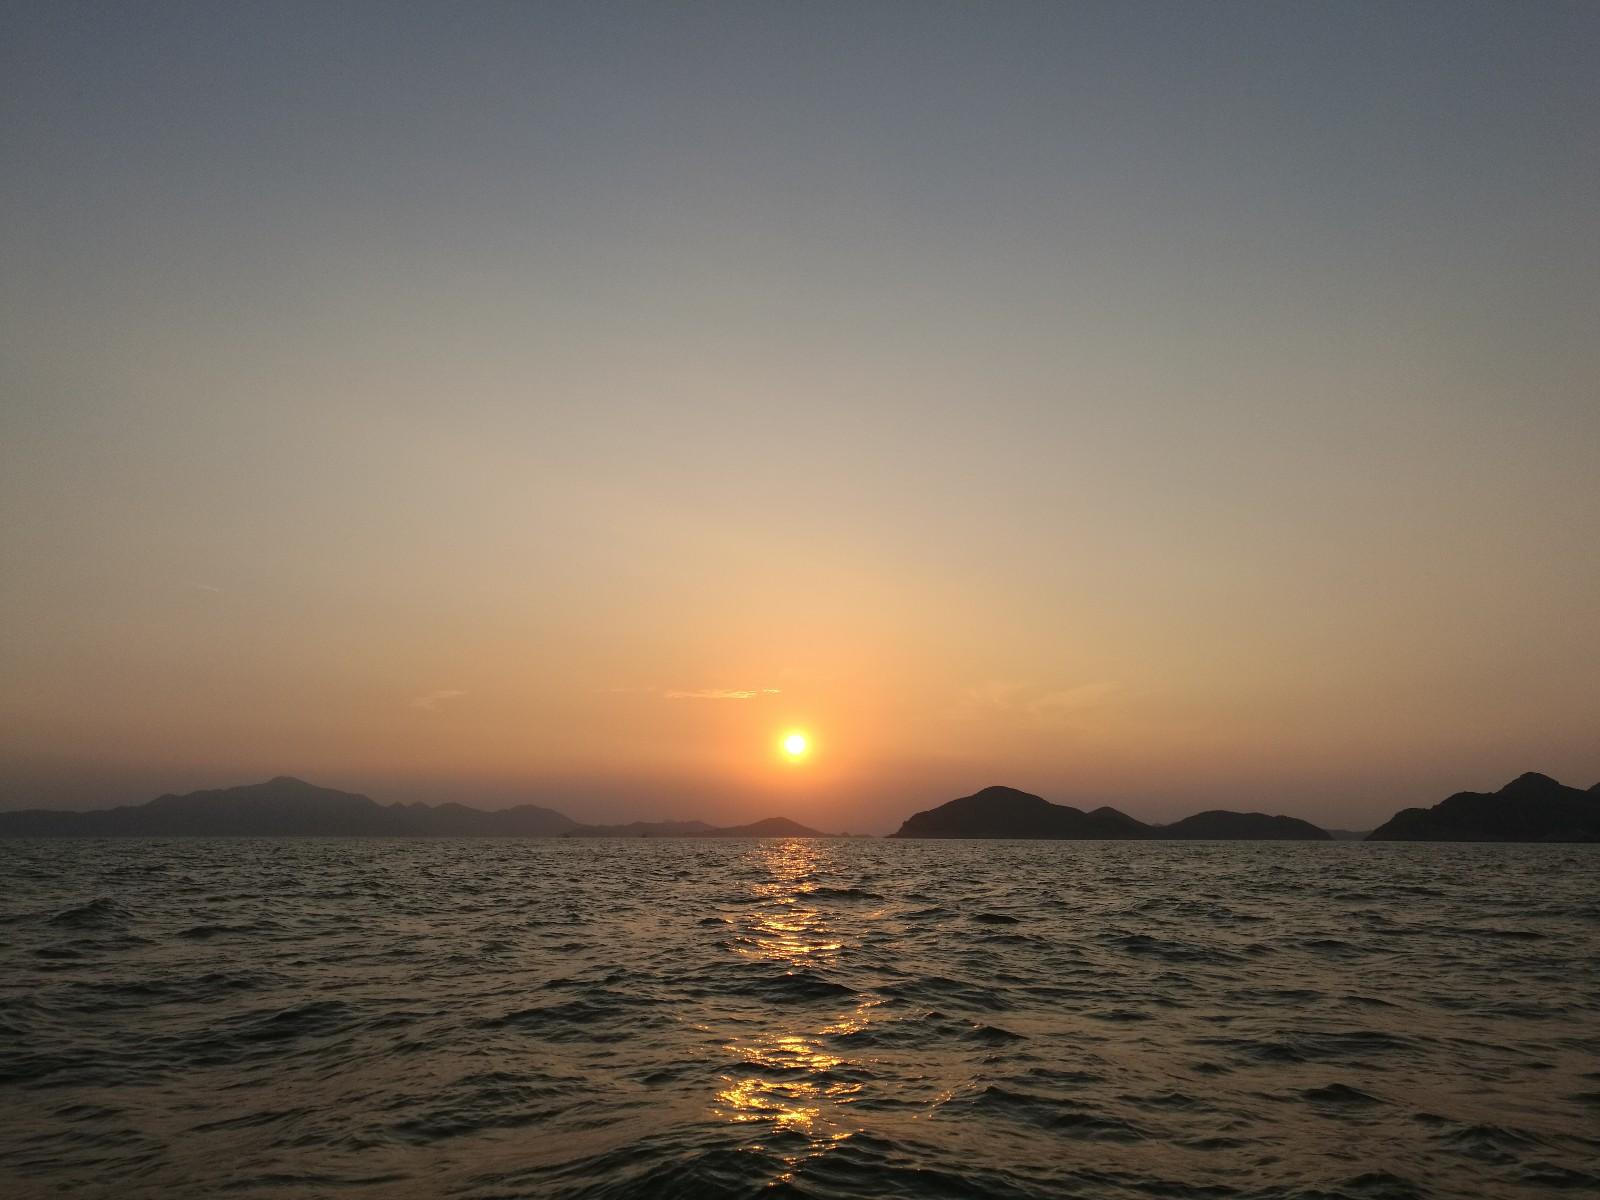 nbsp,岛屿,只能,一样,海域 真正的历练才刚刚开始,航海就是挑战自己——唐山号返航记(中篇)  163631fzru0jst